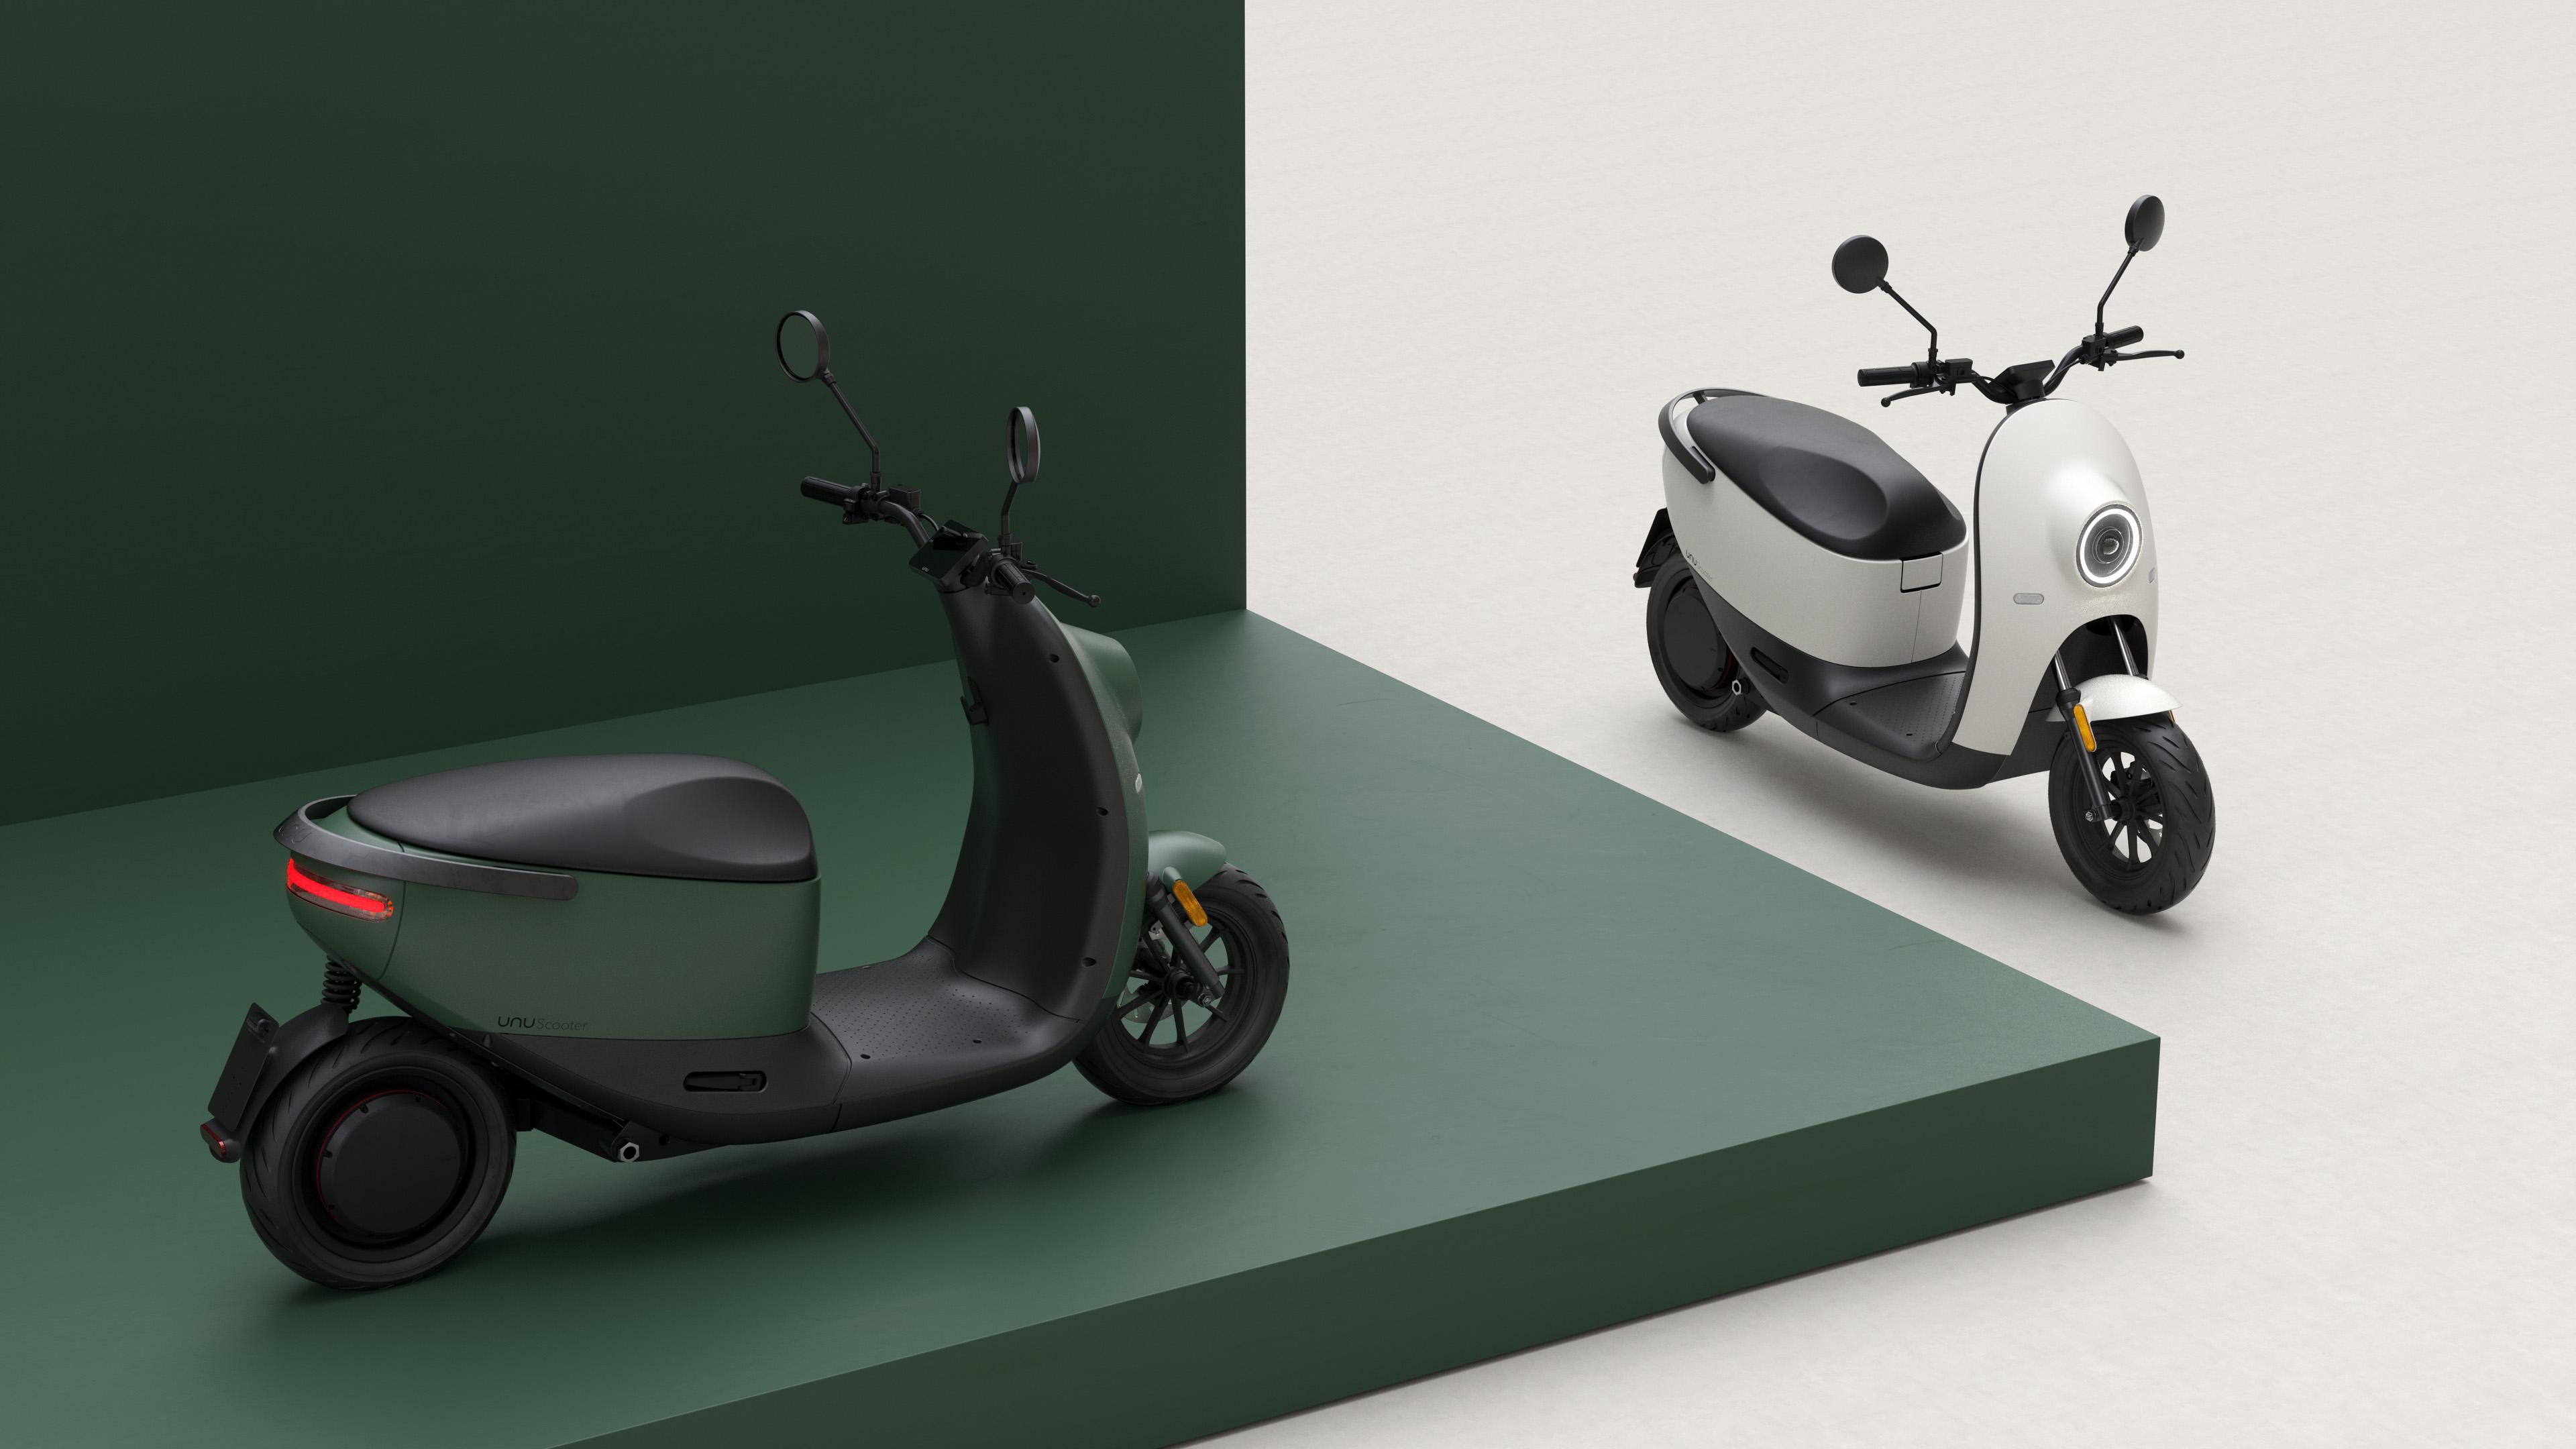 Unu prépare son nouveau scooter électrique : date de sortie, prix, coloris… tout ce que l'on sait